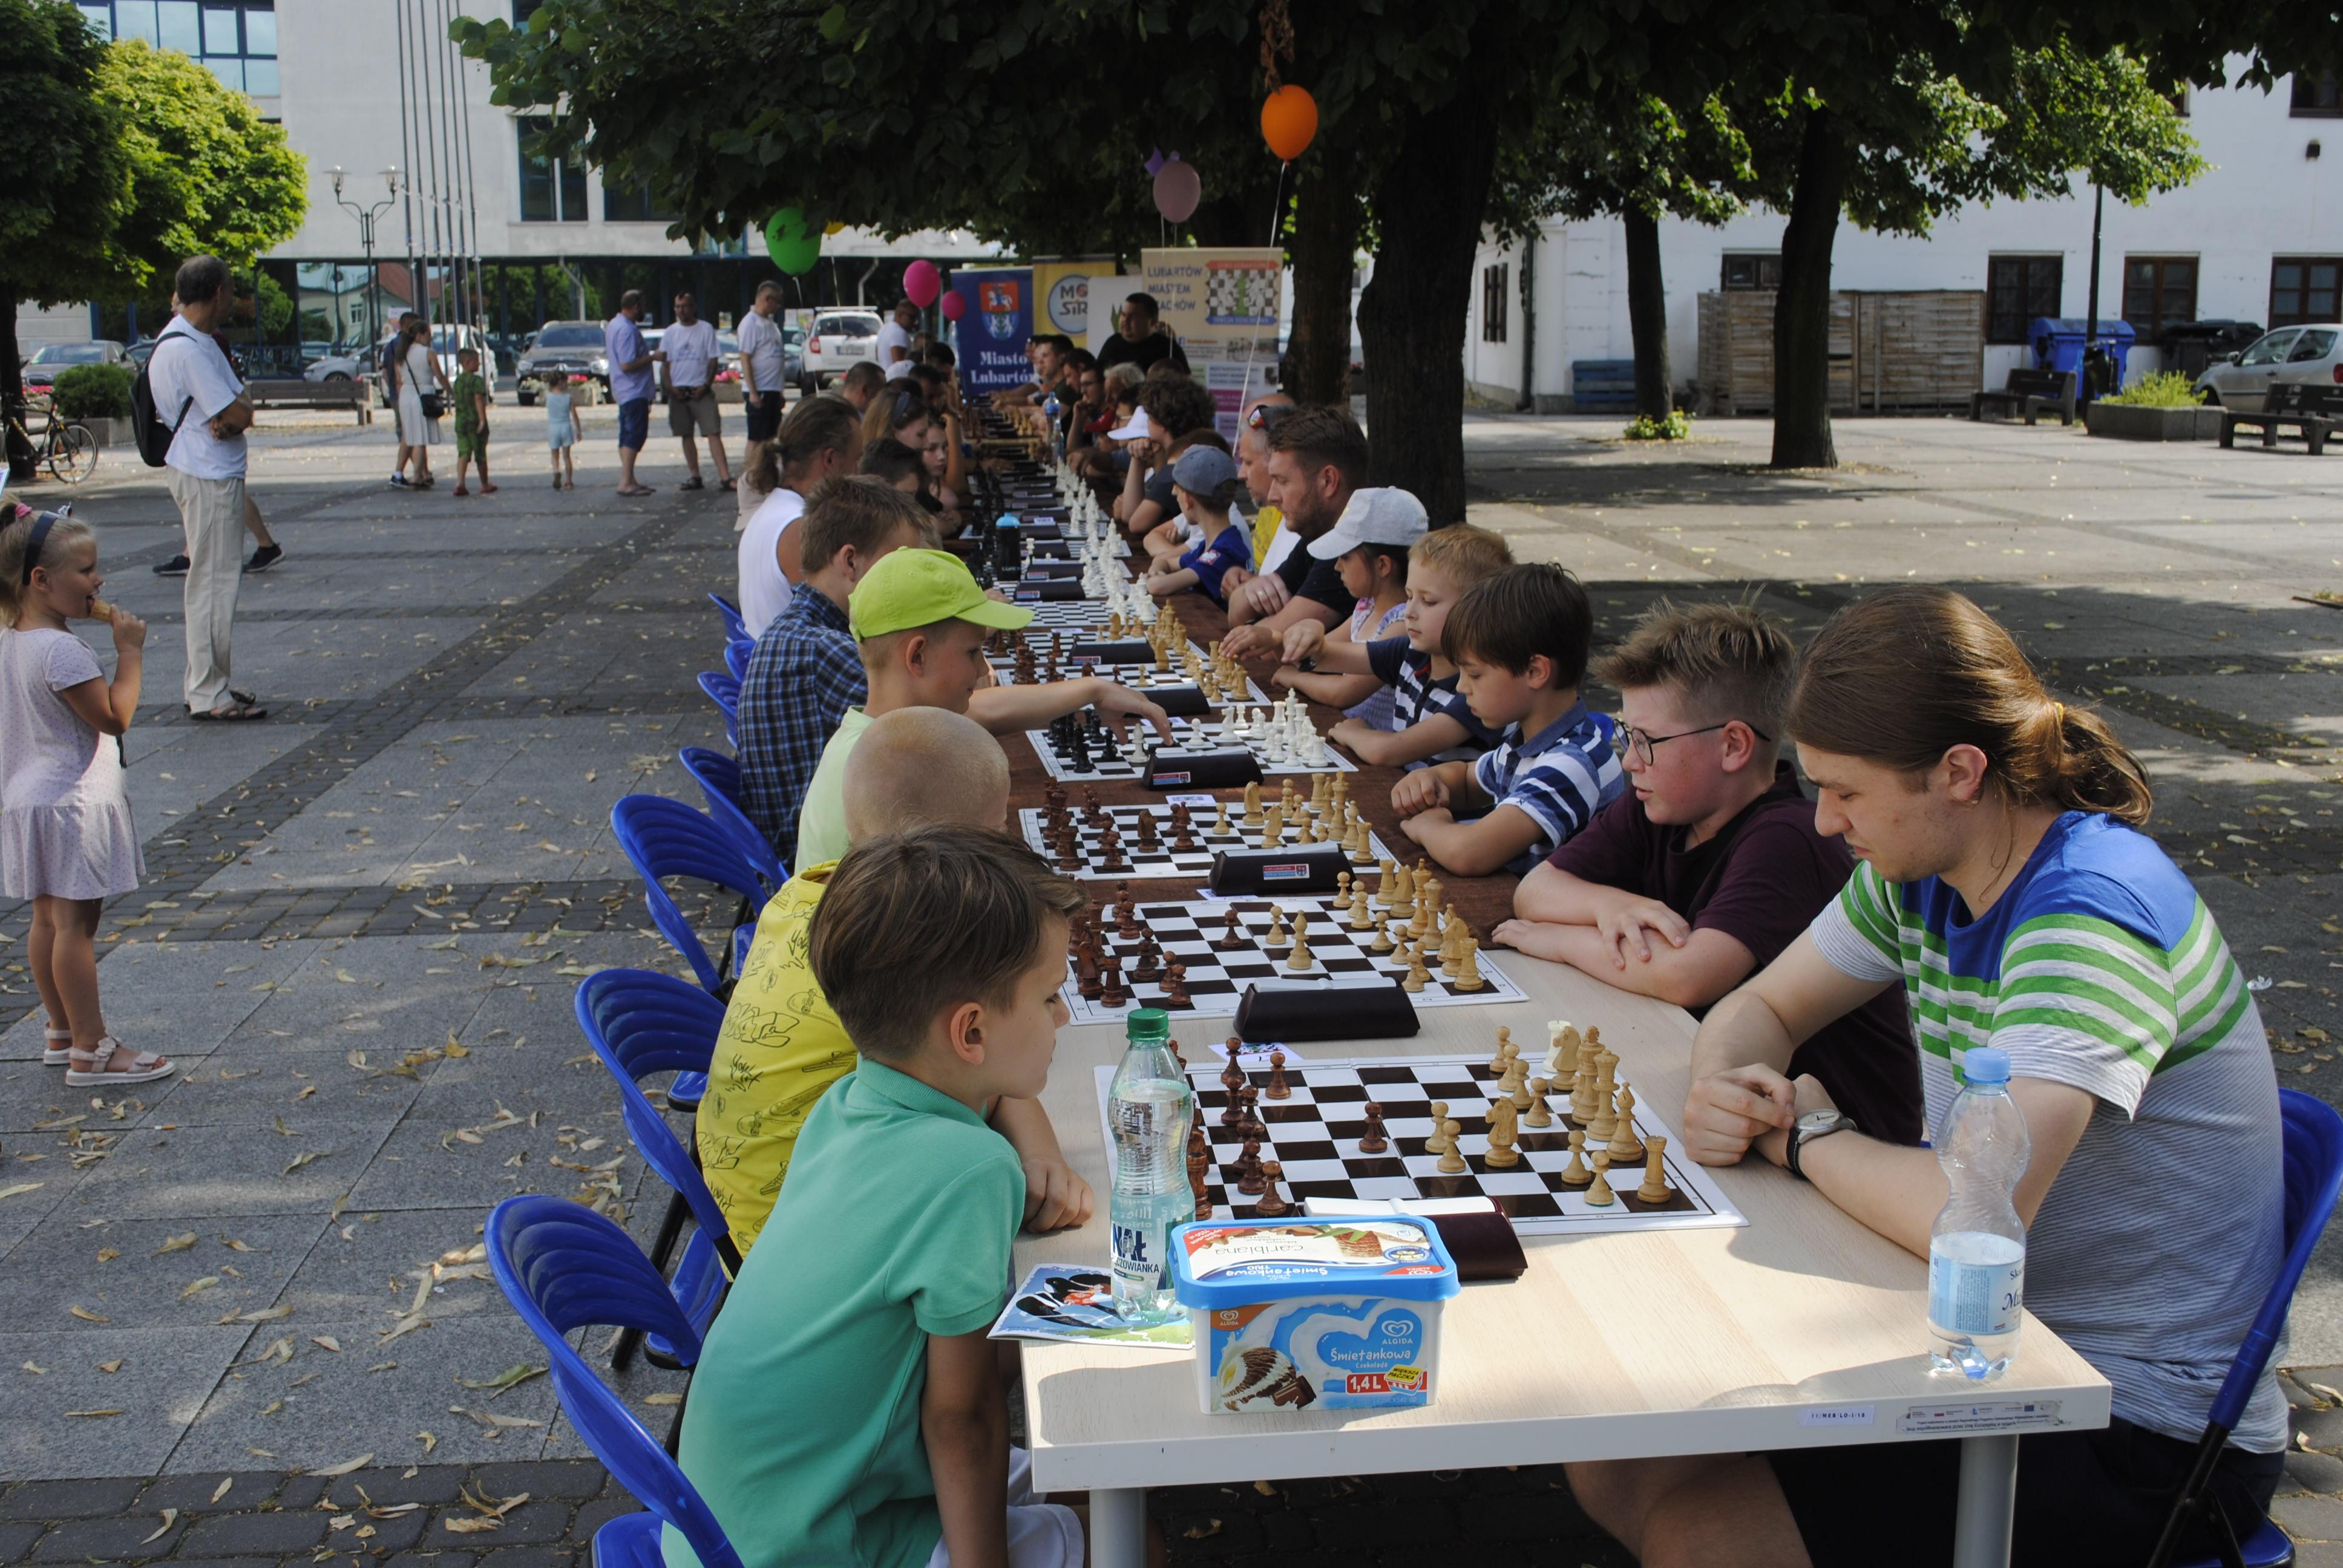 Międzynarodowy Dzień Szachów w Lubartowie. Grają zawodnicy z całej Polski - Zdjęcie główne